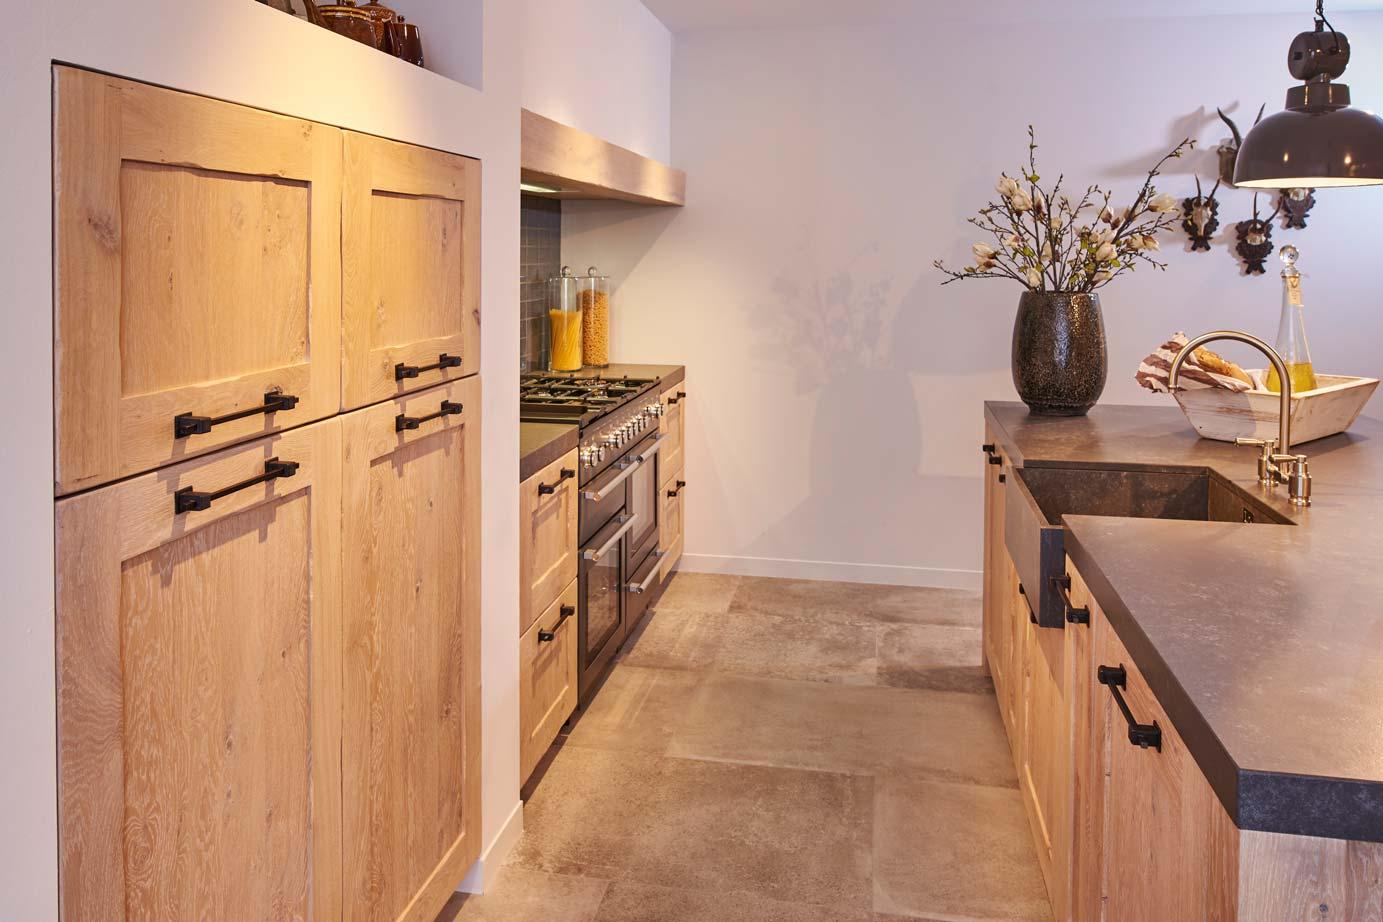 Van Hout Keukens : Houten keukens in sfeer altijd ongeëvenaard adee